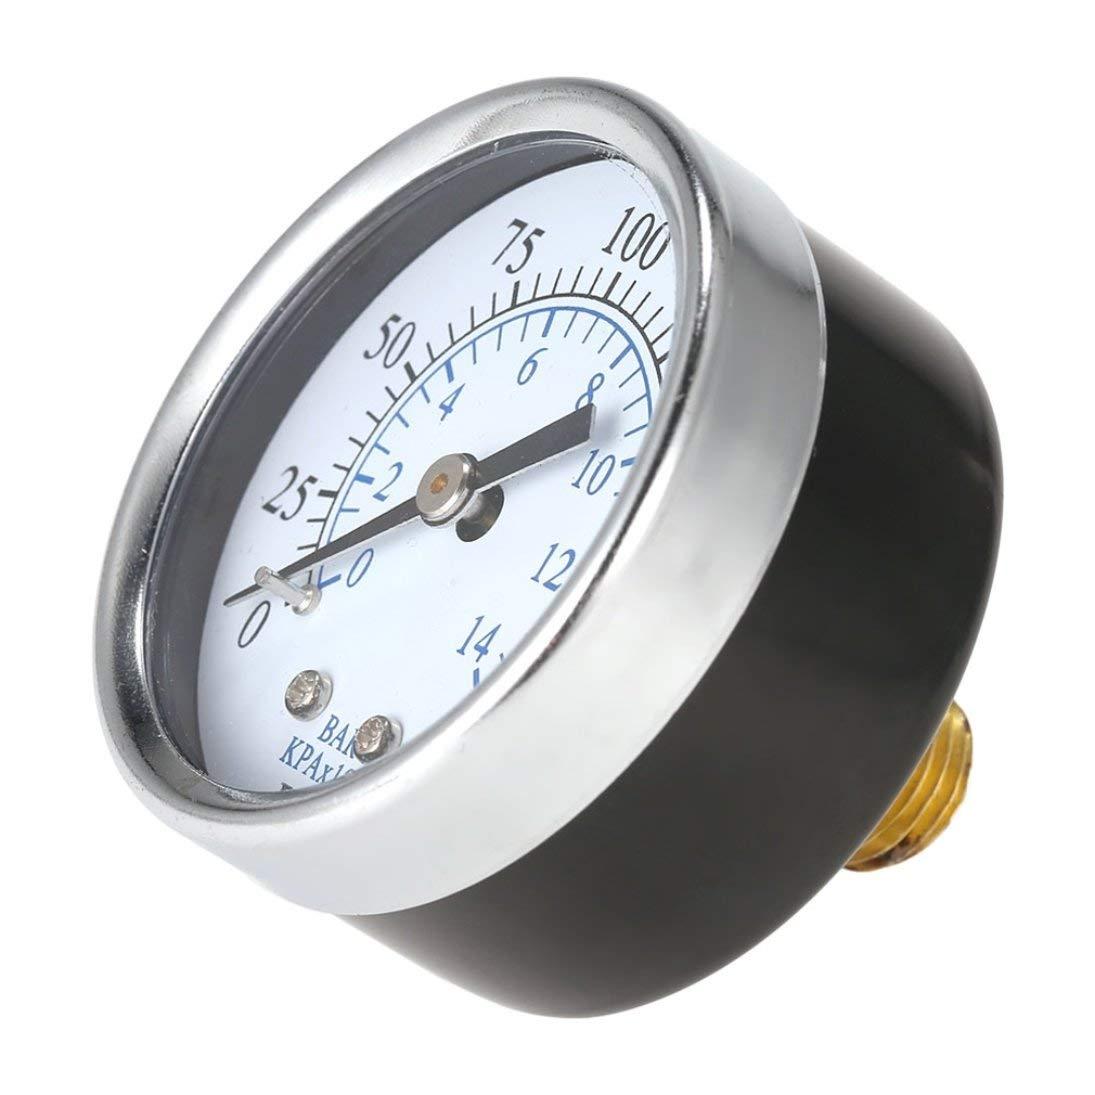 Compresseur dair de manom/ètre Universel hydraulique 0-200 psi 0-14 Bars Dos MNT 1//4 Pouce NPT Double /échelle montr/ée ToGames-FR